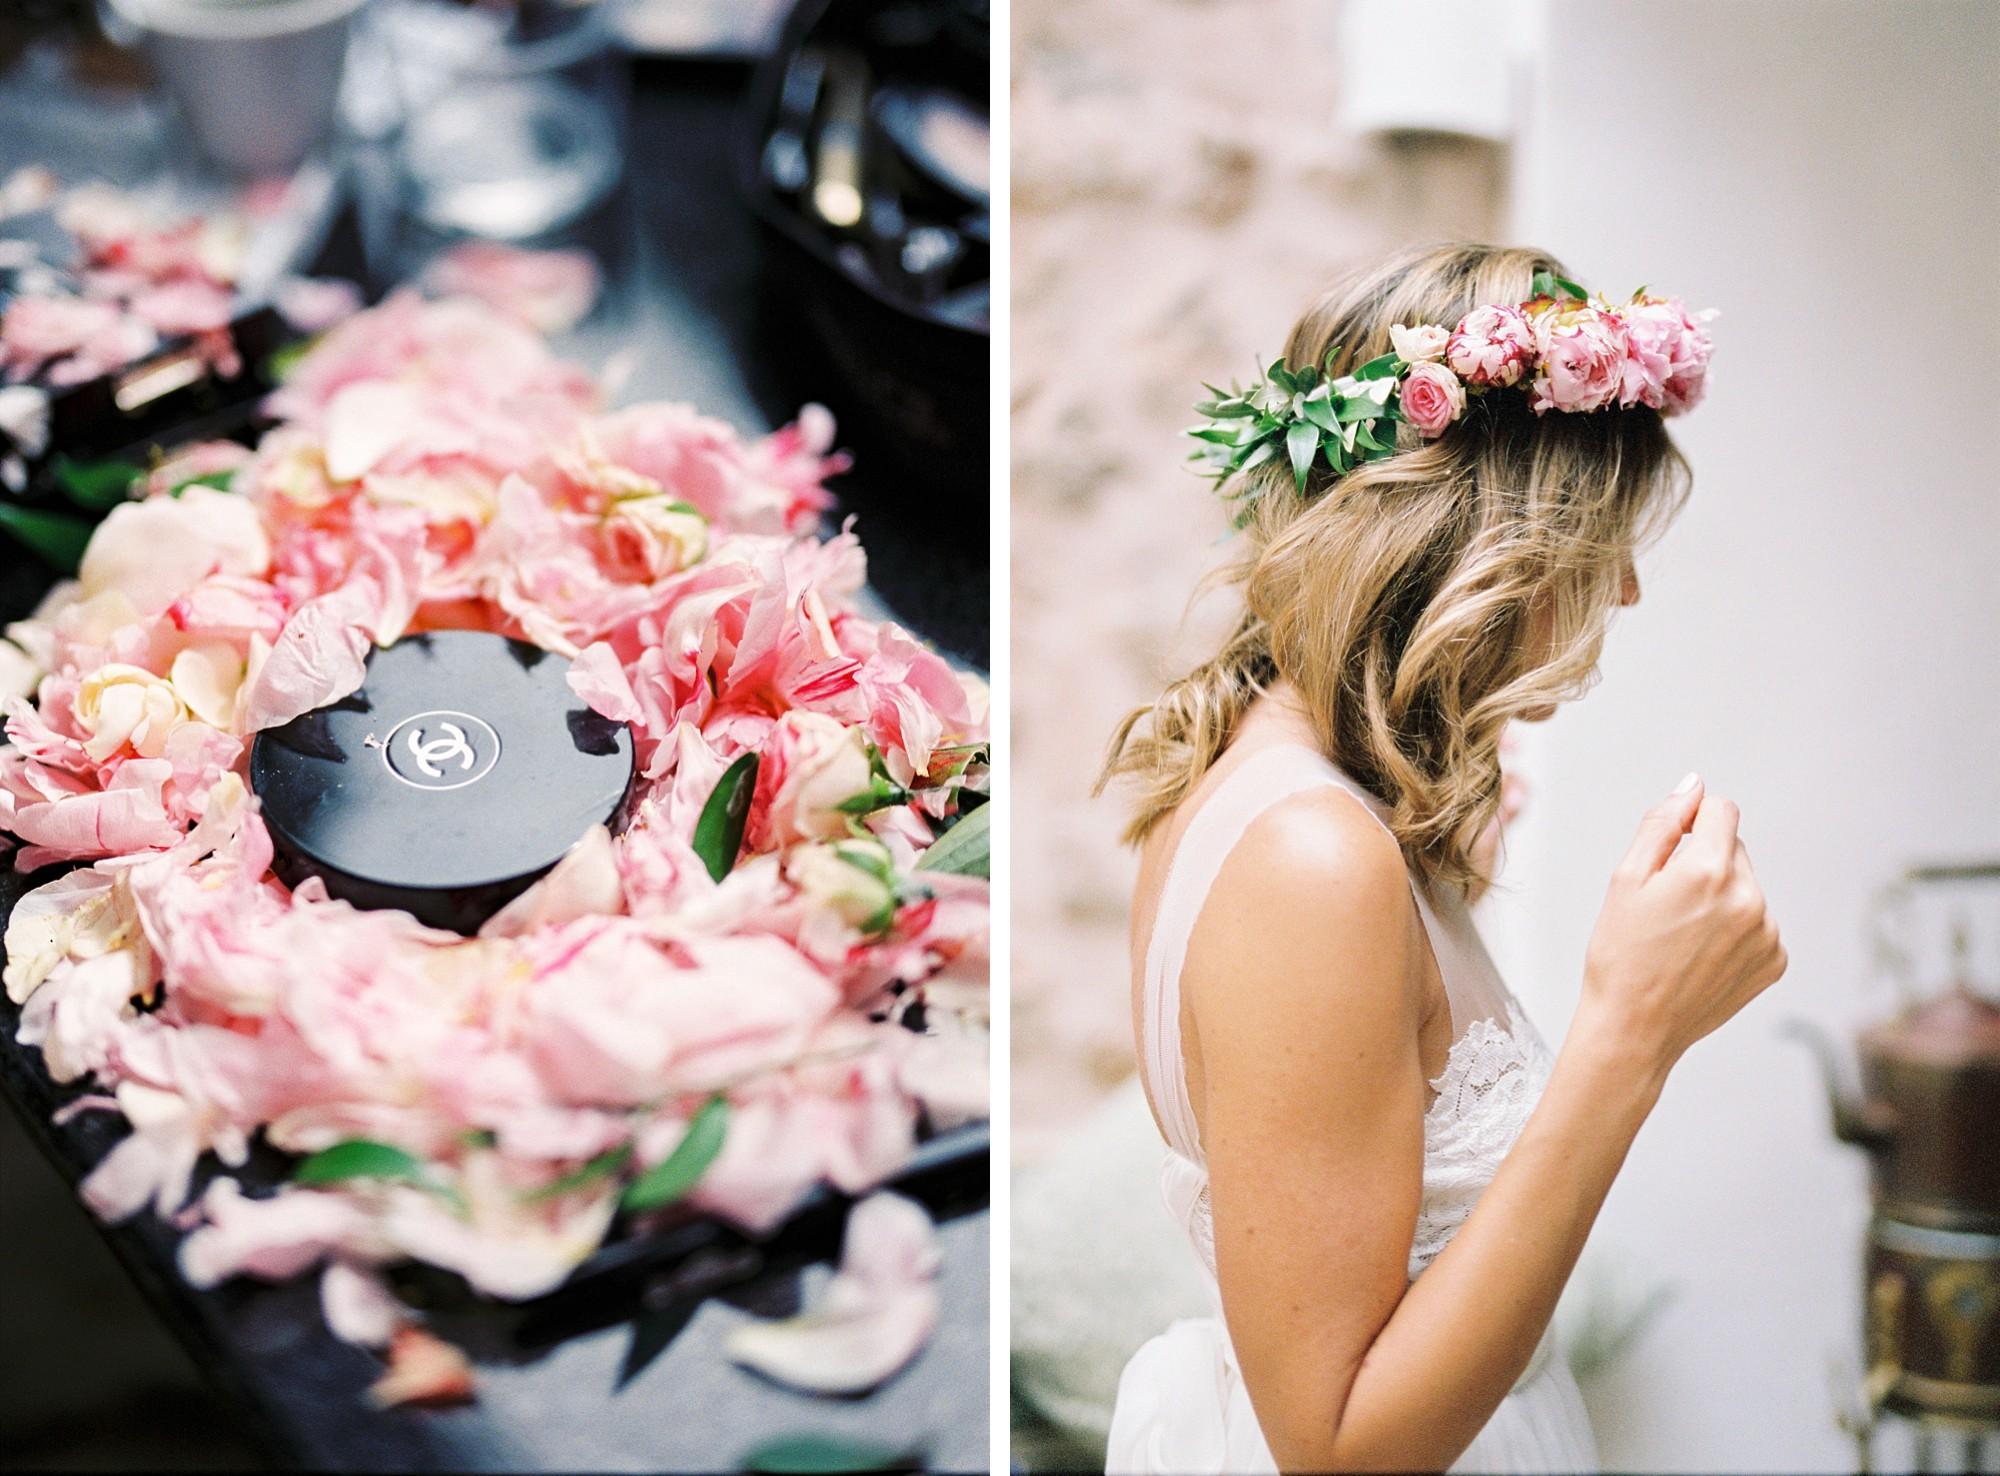 fotografos de boda en valencia barcelona mallorca wedding photographer049.jpg